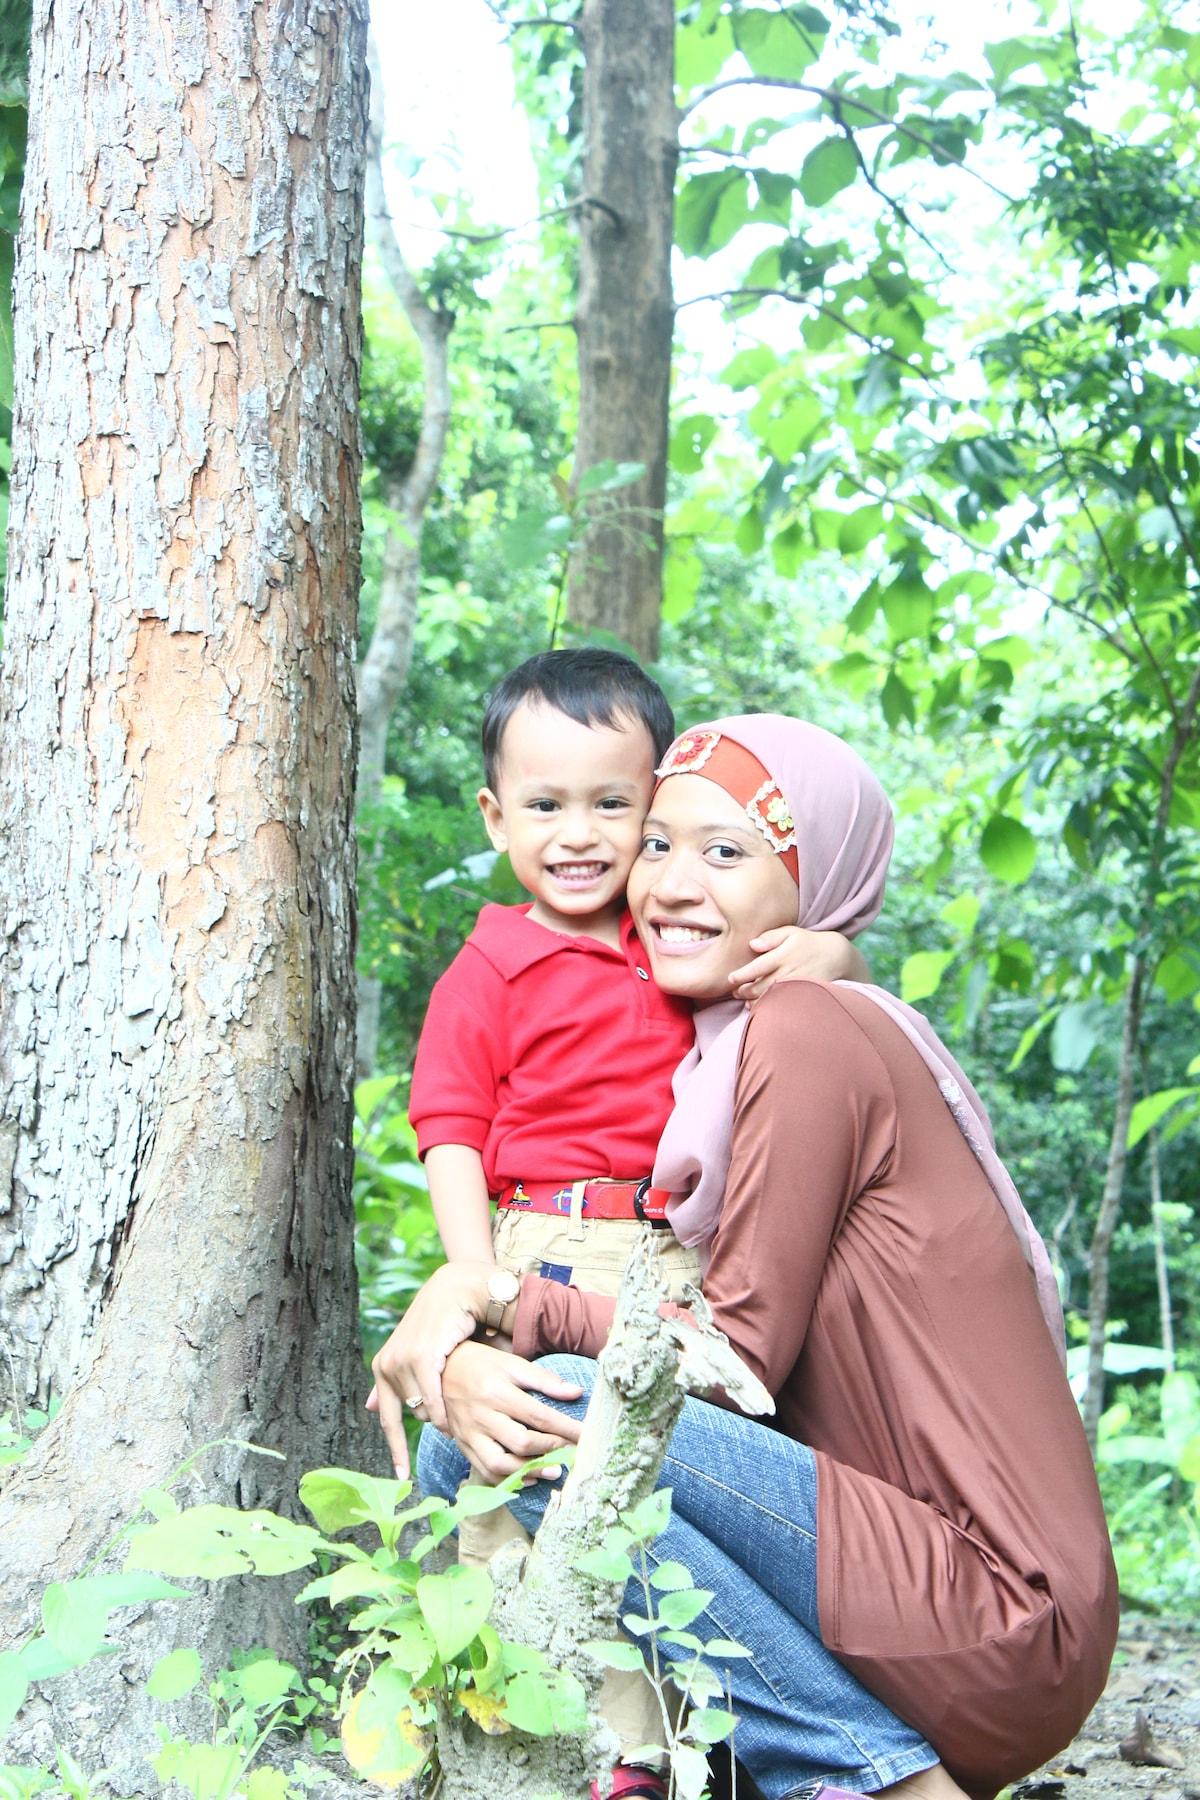 Runi From Yogyakarta, Indonesia